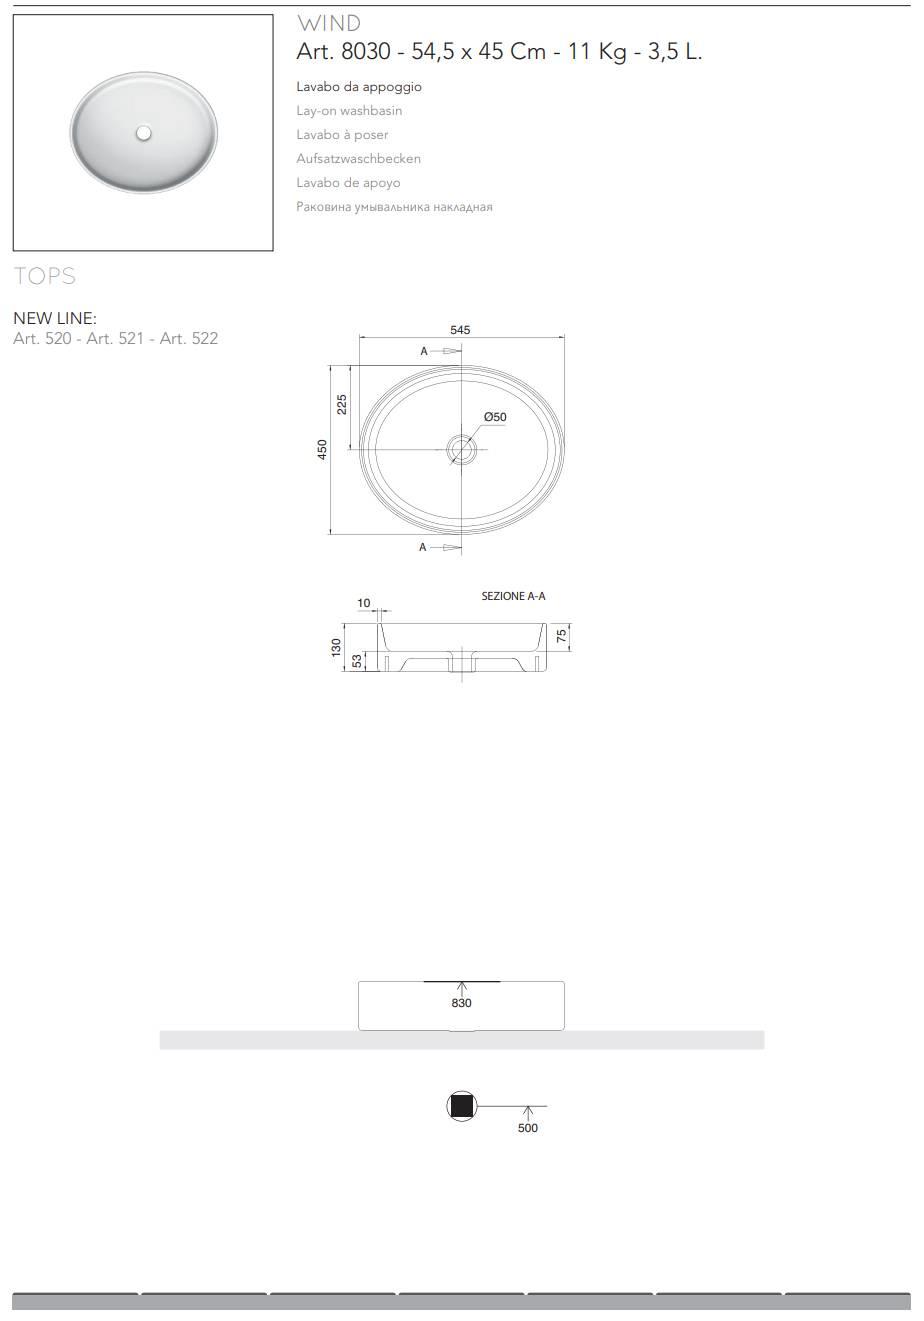 Feuille-technique-lavabo-a-poser-wind